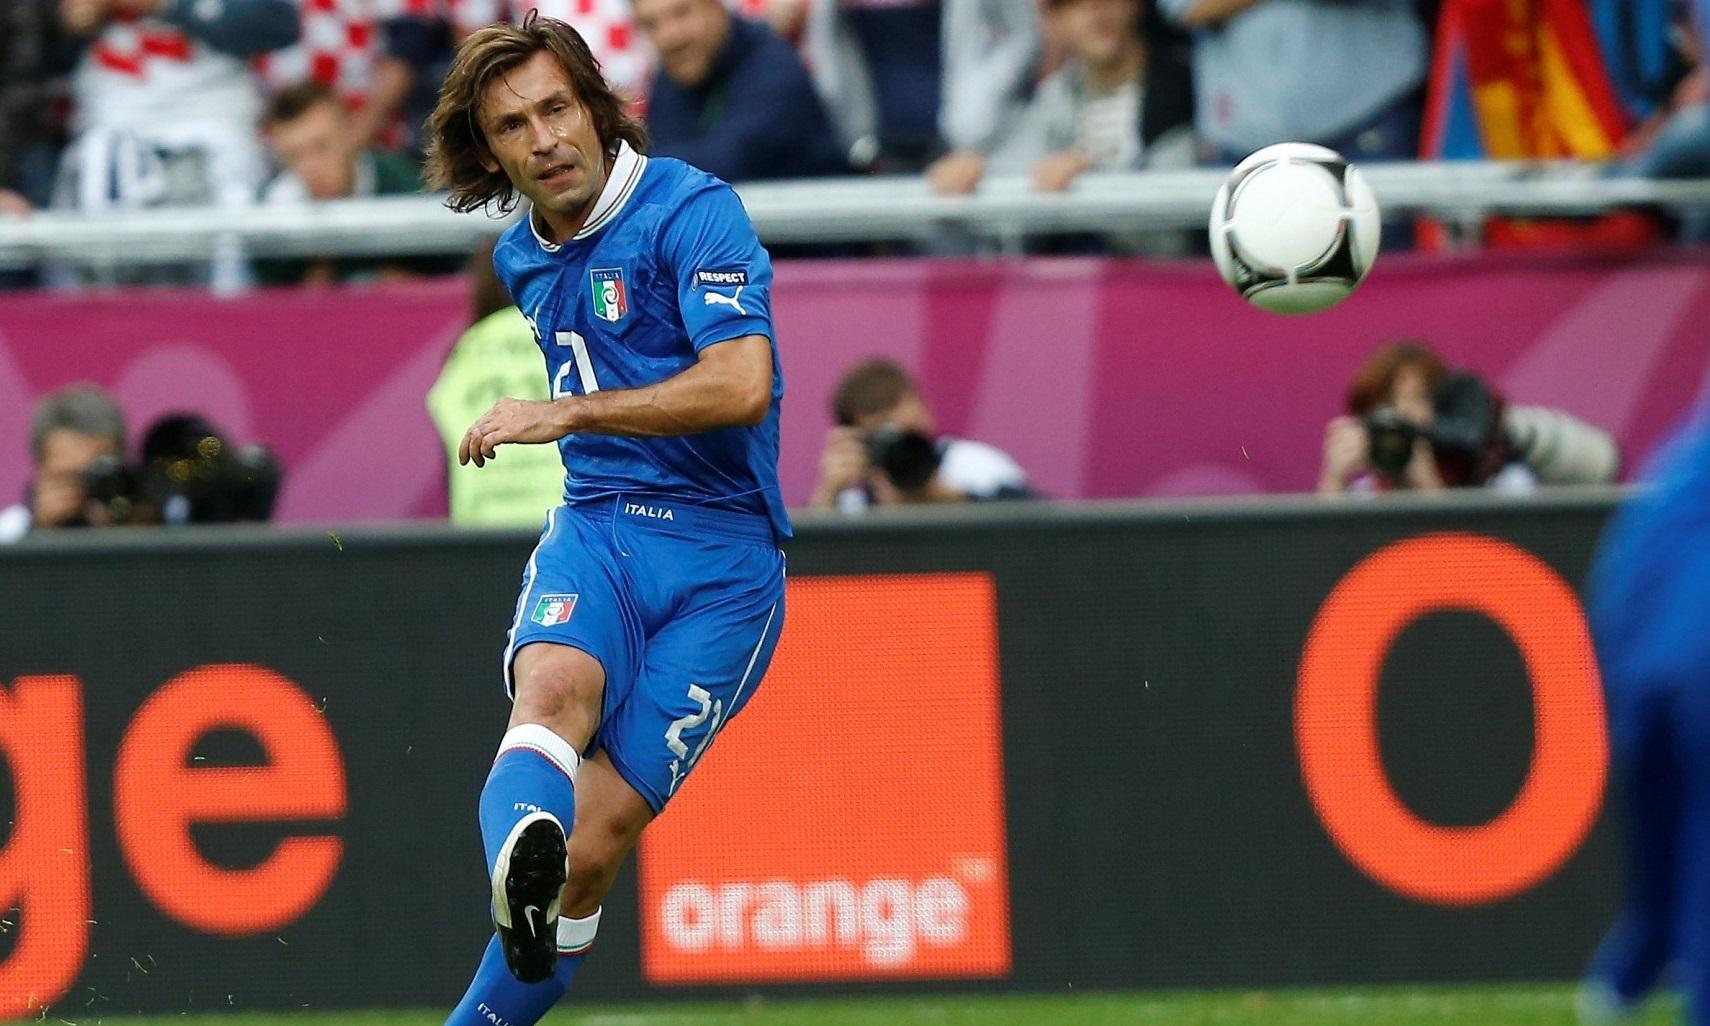 Евро-2012, Андреа Пирло, сборная Италии по футболу